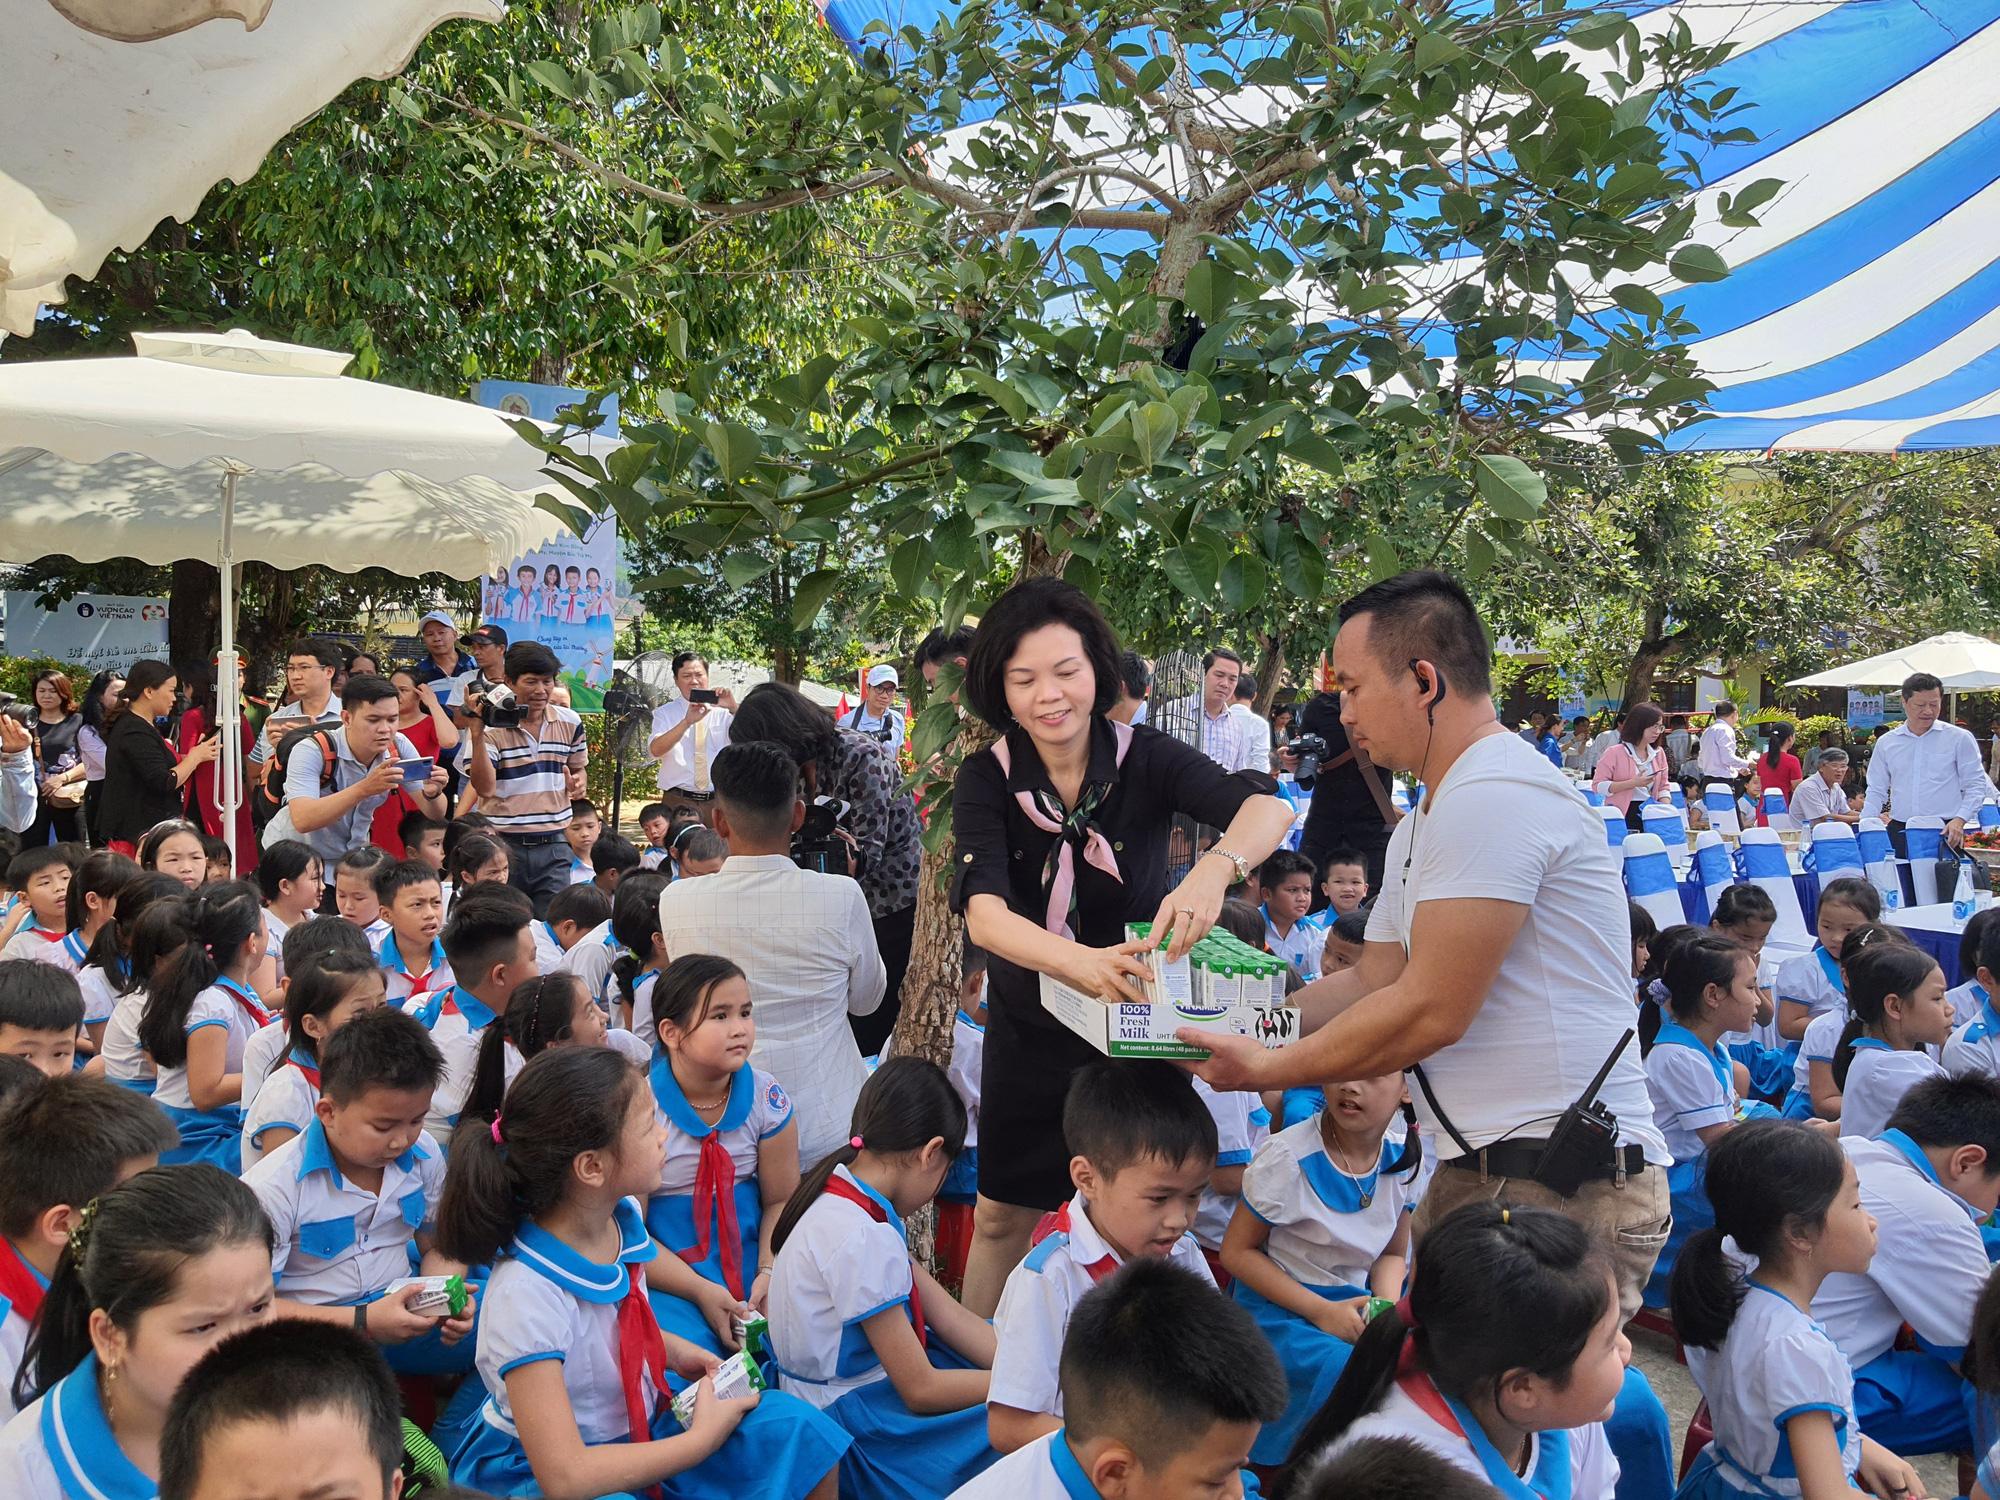 Quảng Nam: Hơn 34.000 trẻ em miền núi, khó khăn được uống Sữa học đường - Ảnh 5.